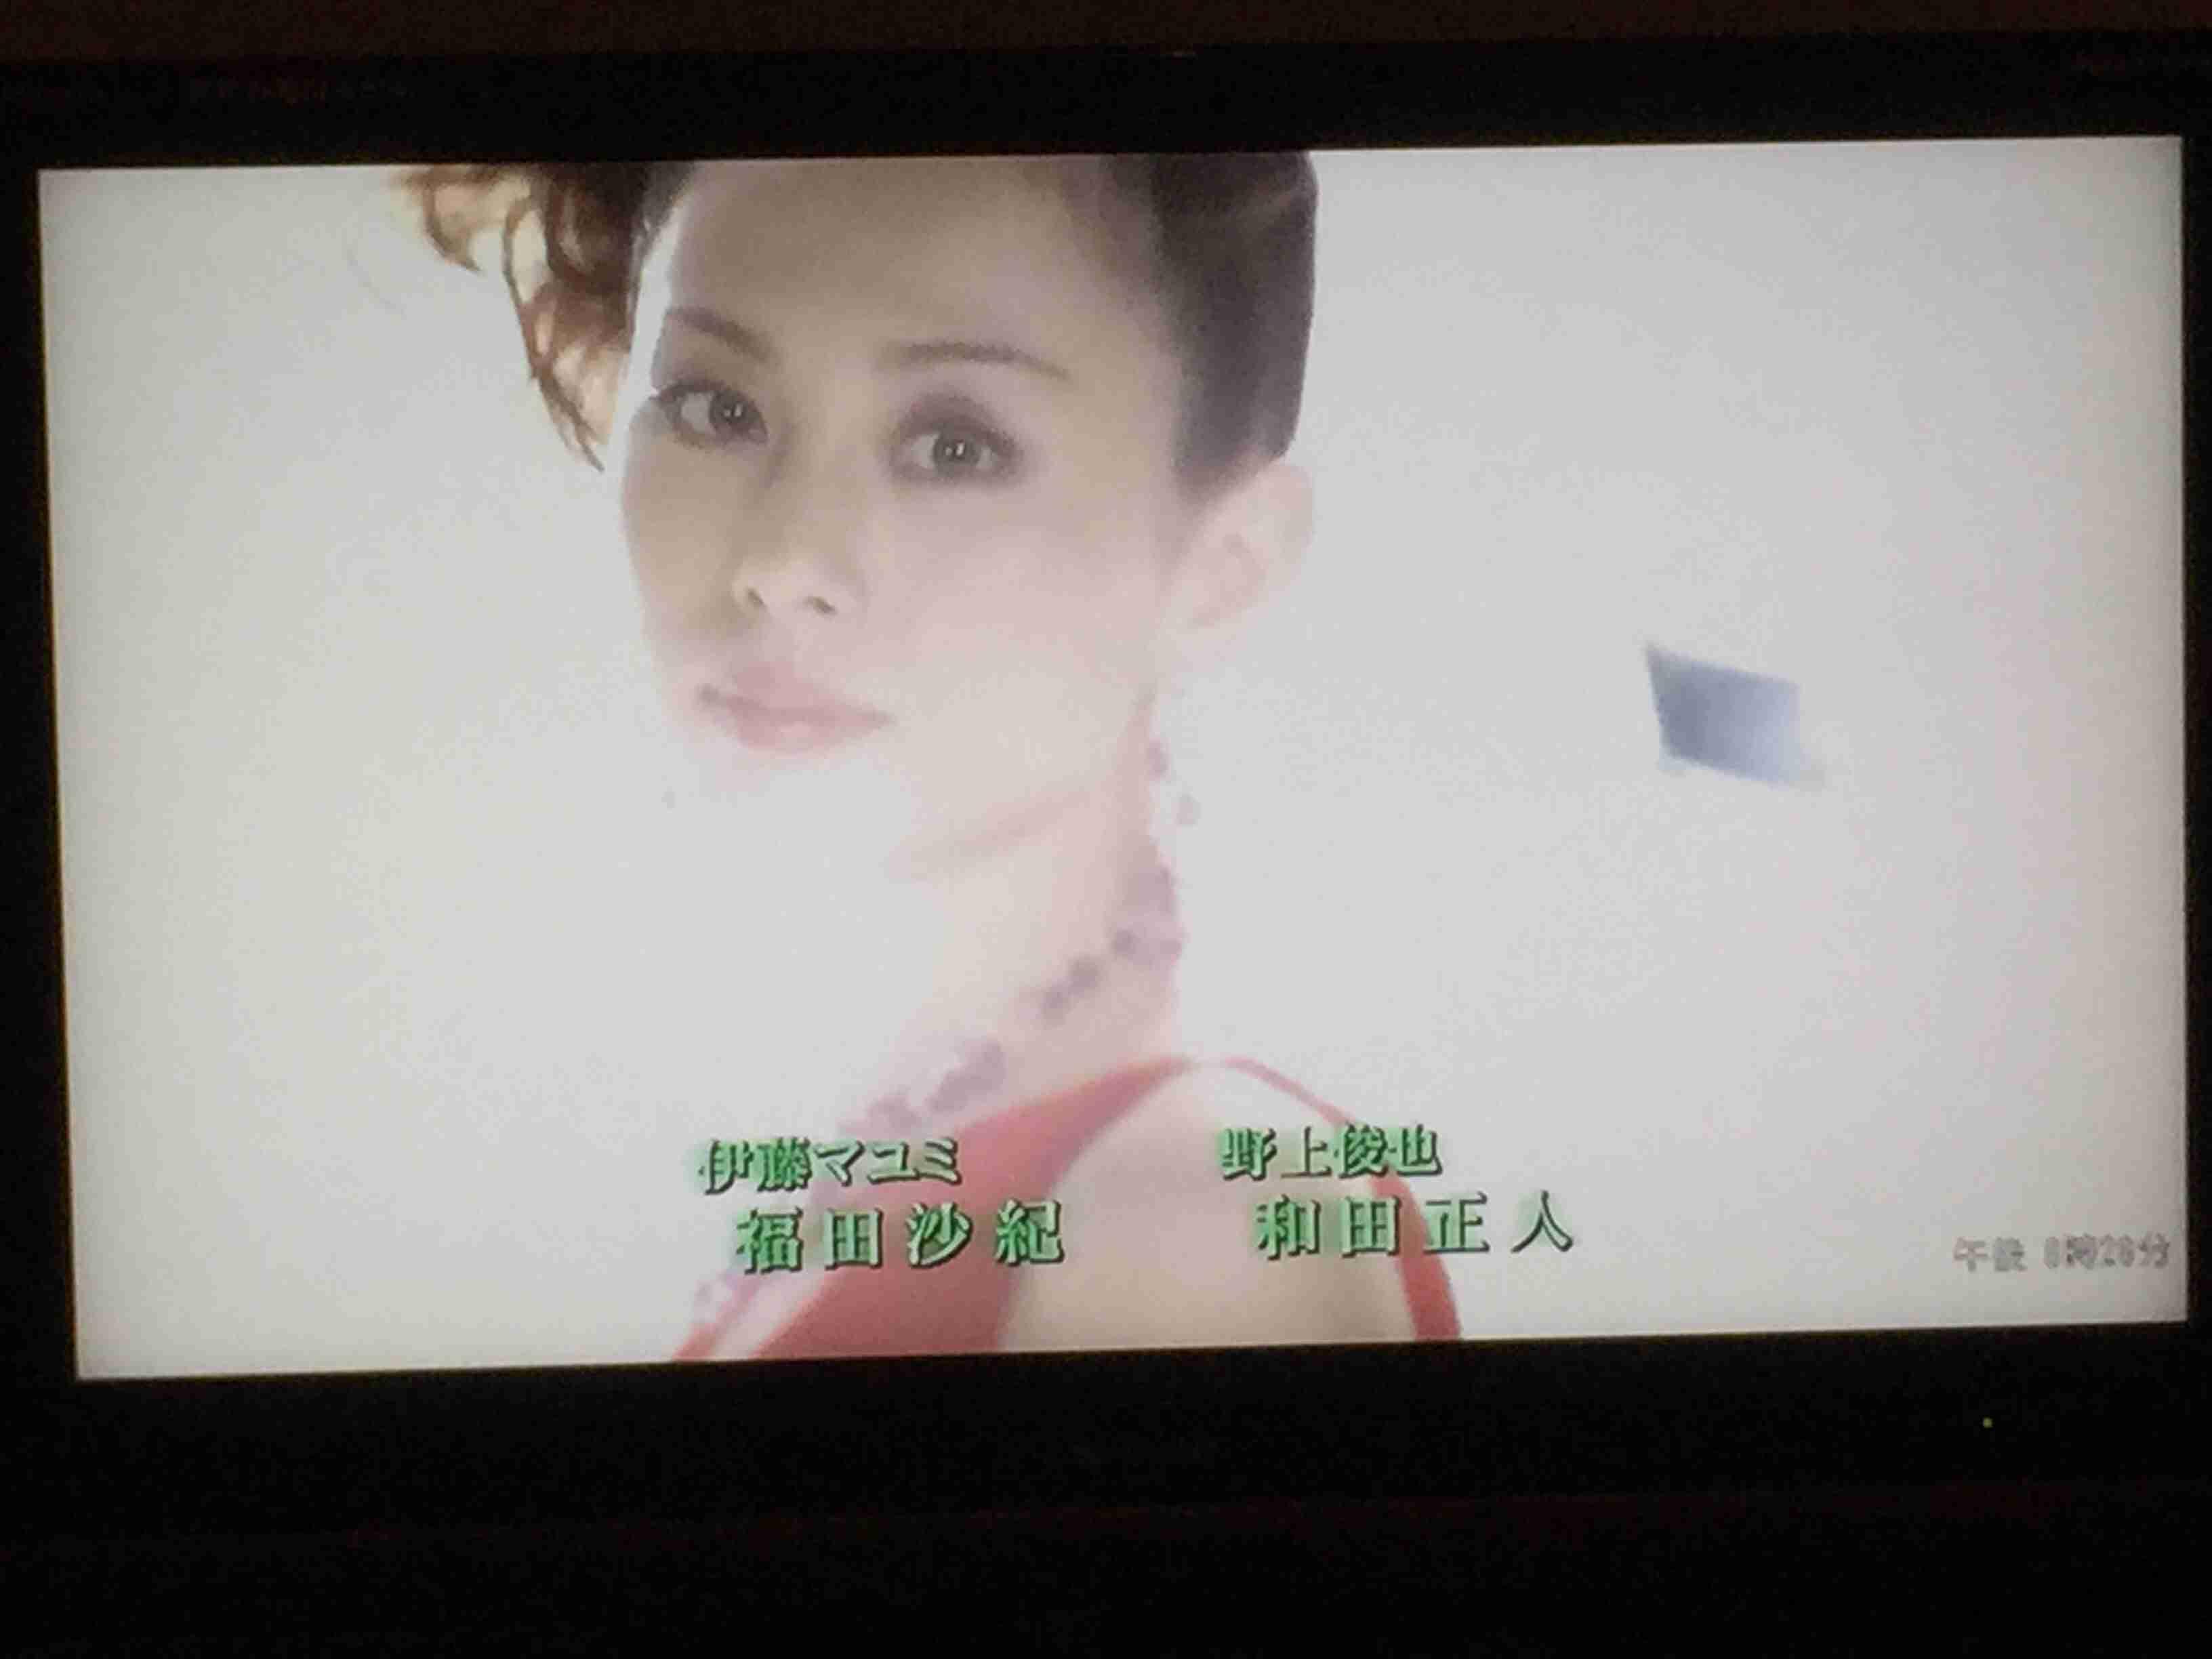 ドラマ「不信のとき〜ウーマン・ウォーズ〜」観てた人!